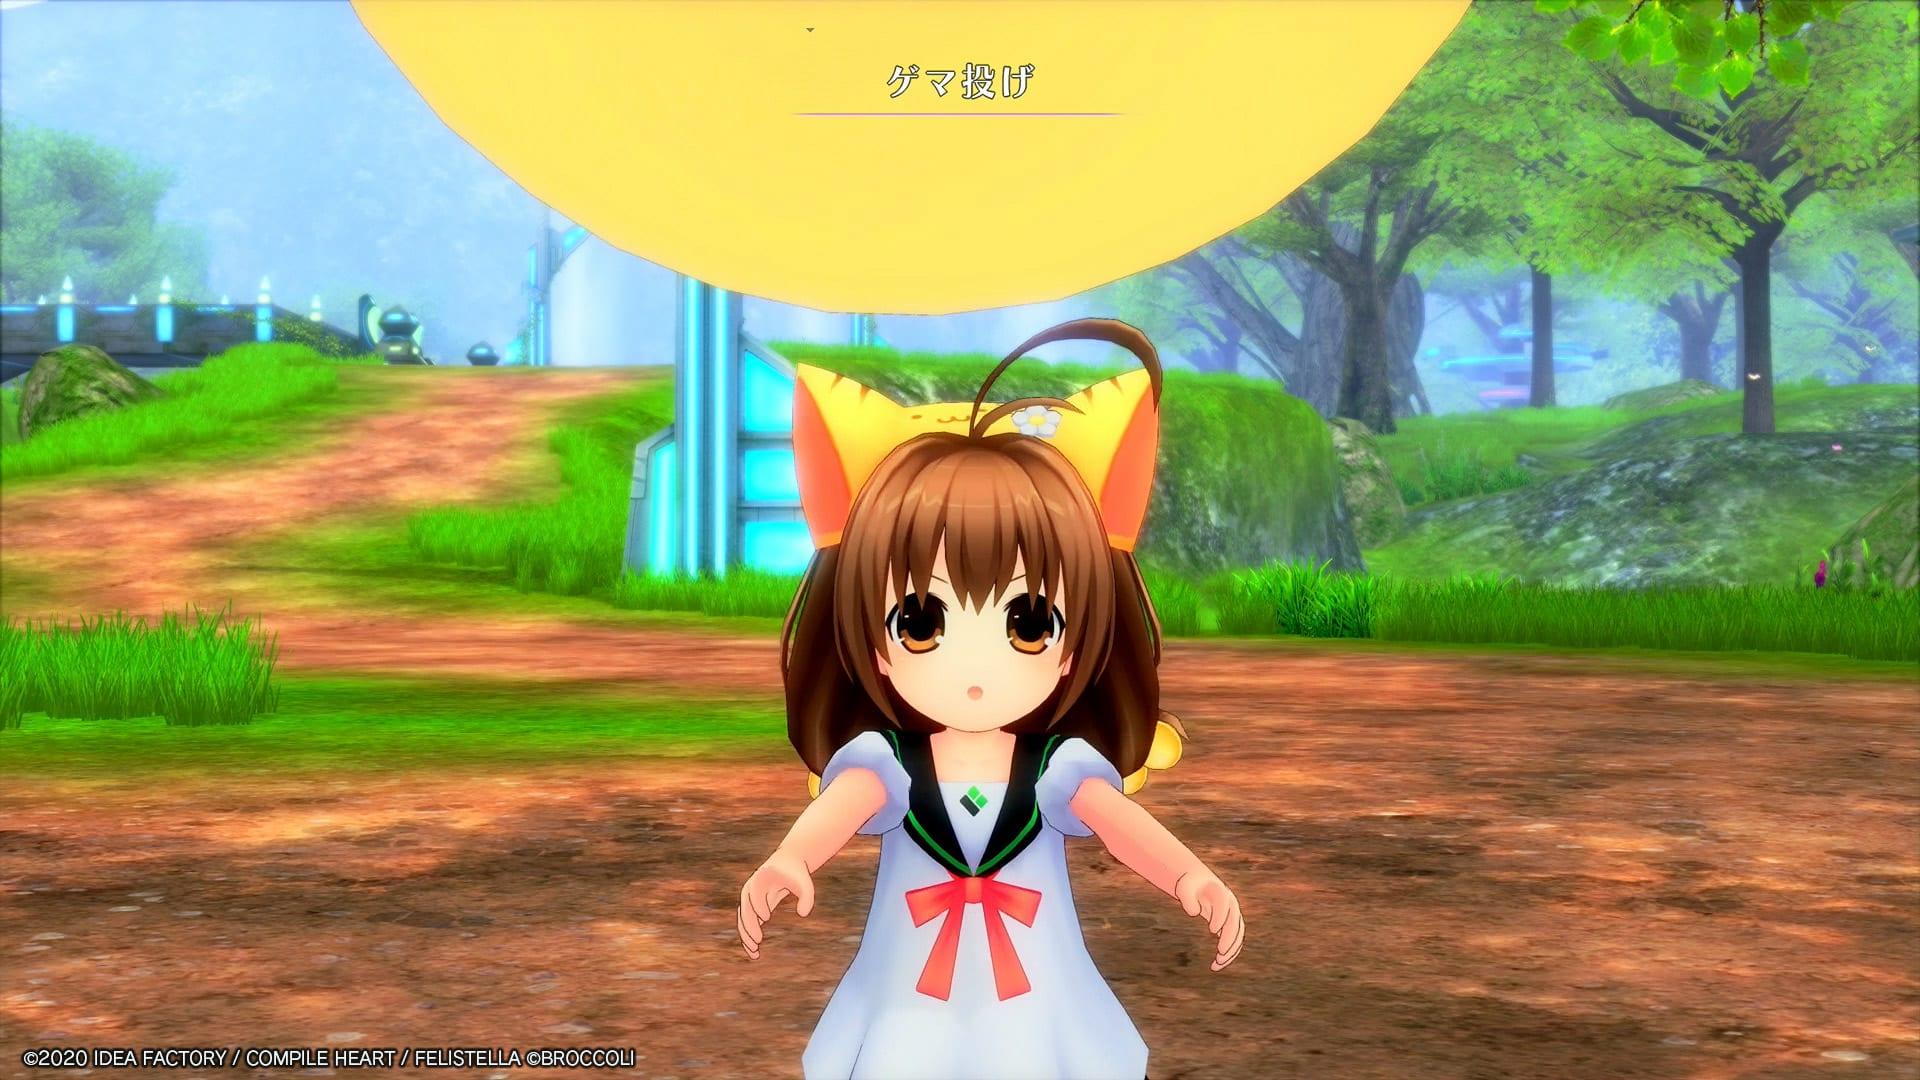 Go-Go-5D-Game-Neptunia-ReVerse-4-1.jpg